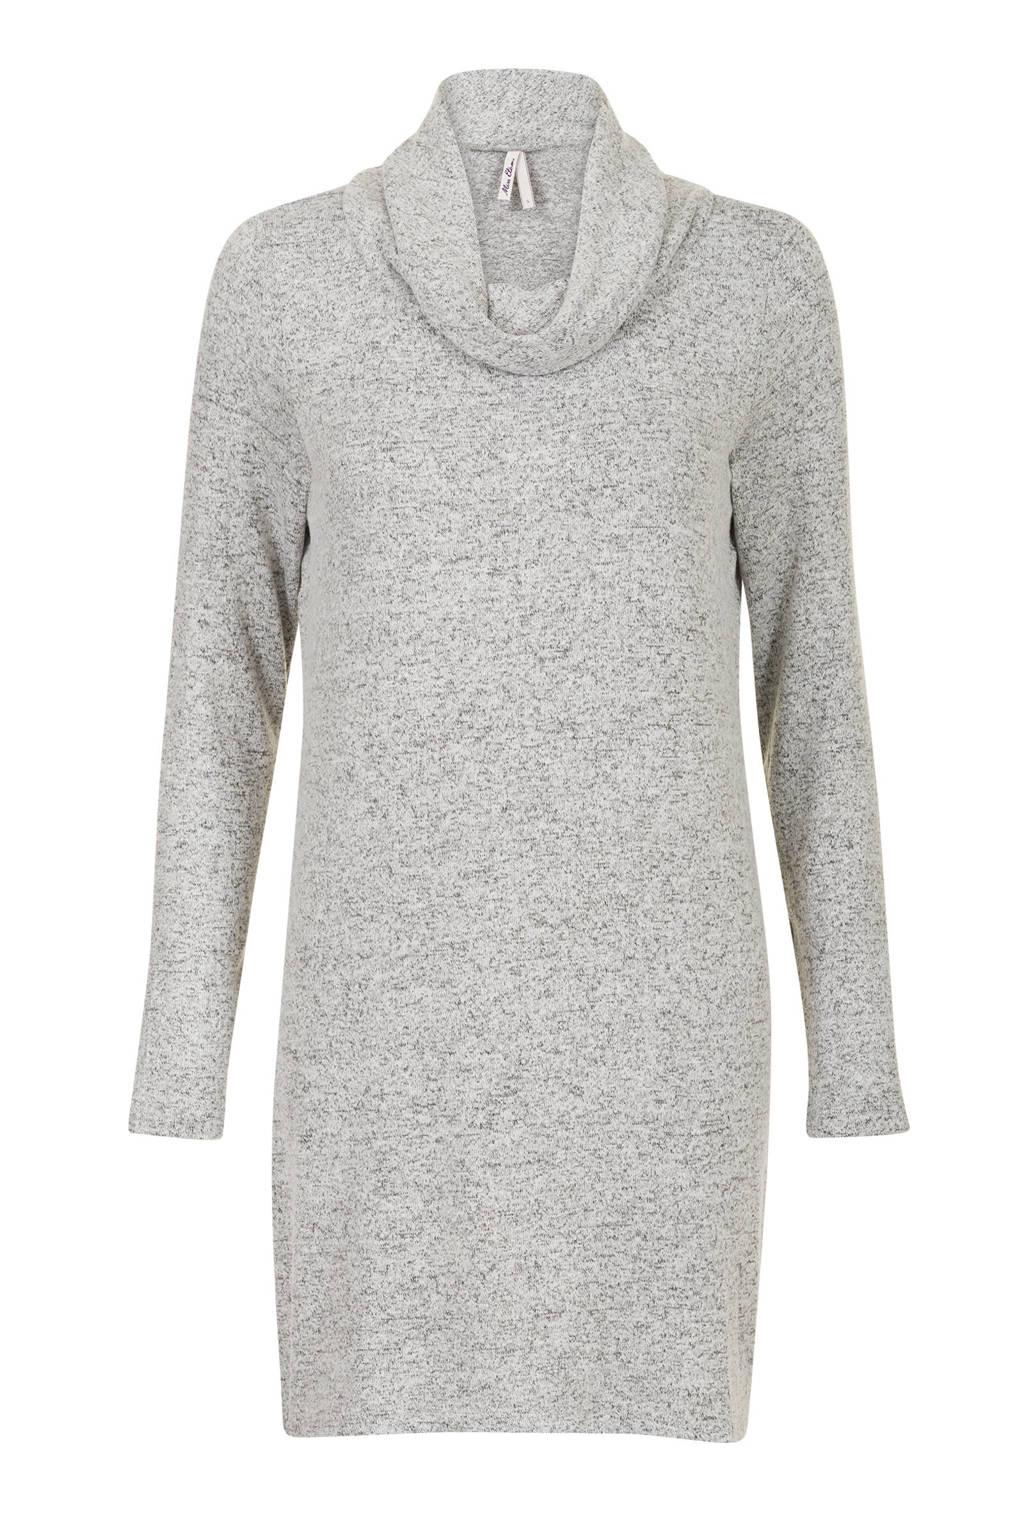 Miss Etam Regulier jurk grijs, Grijs